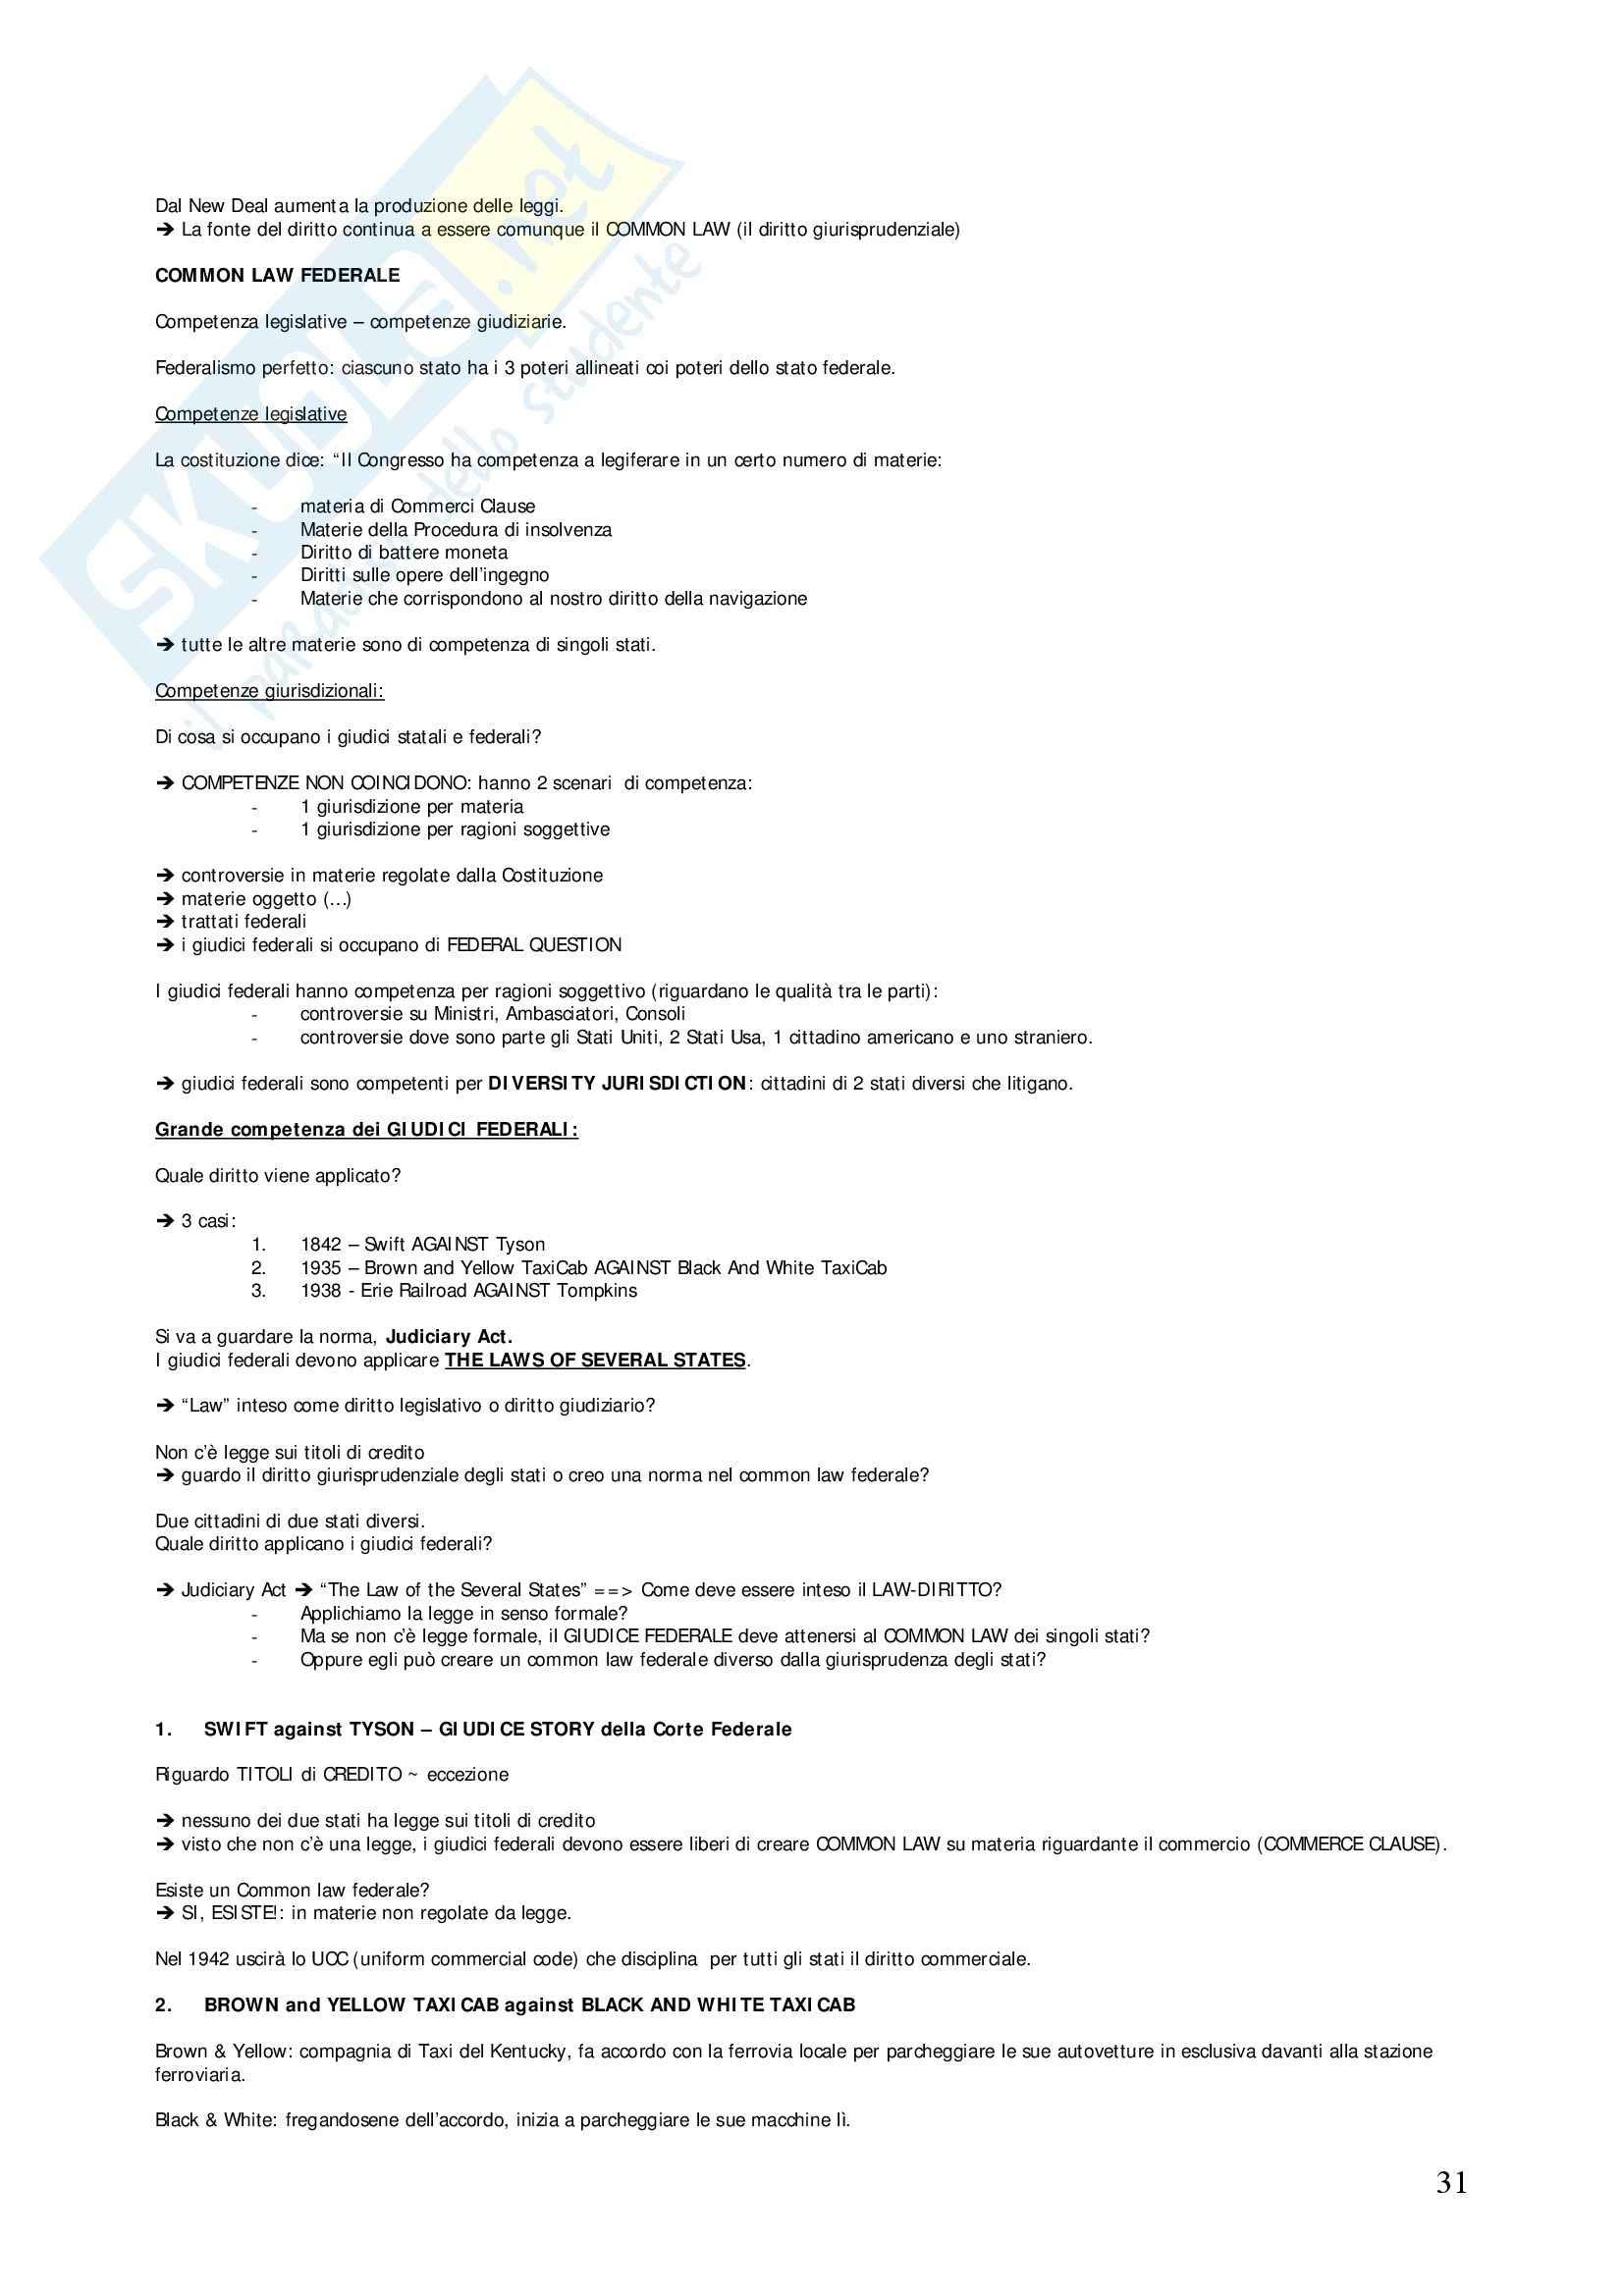 Diritto privato comparato - Appunti Pag. 31